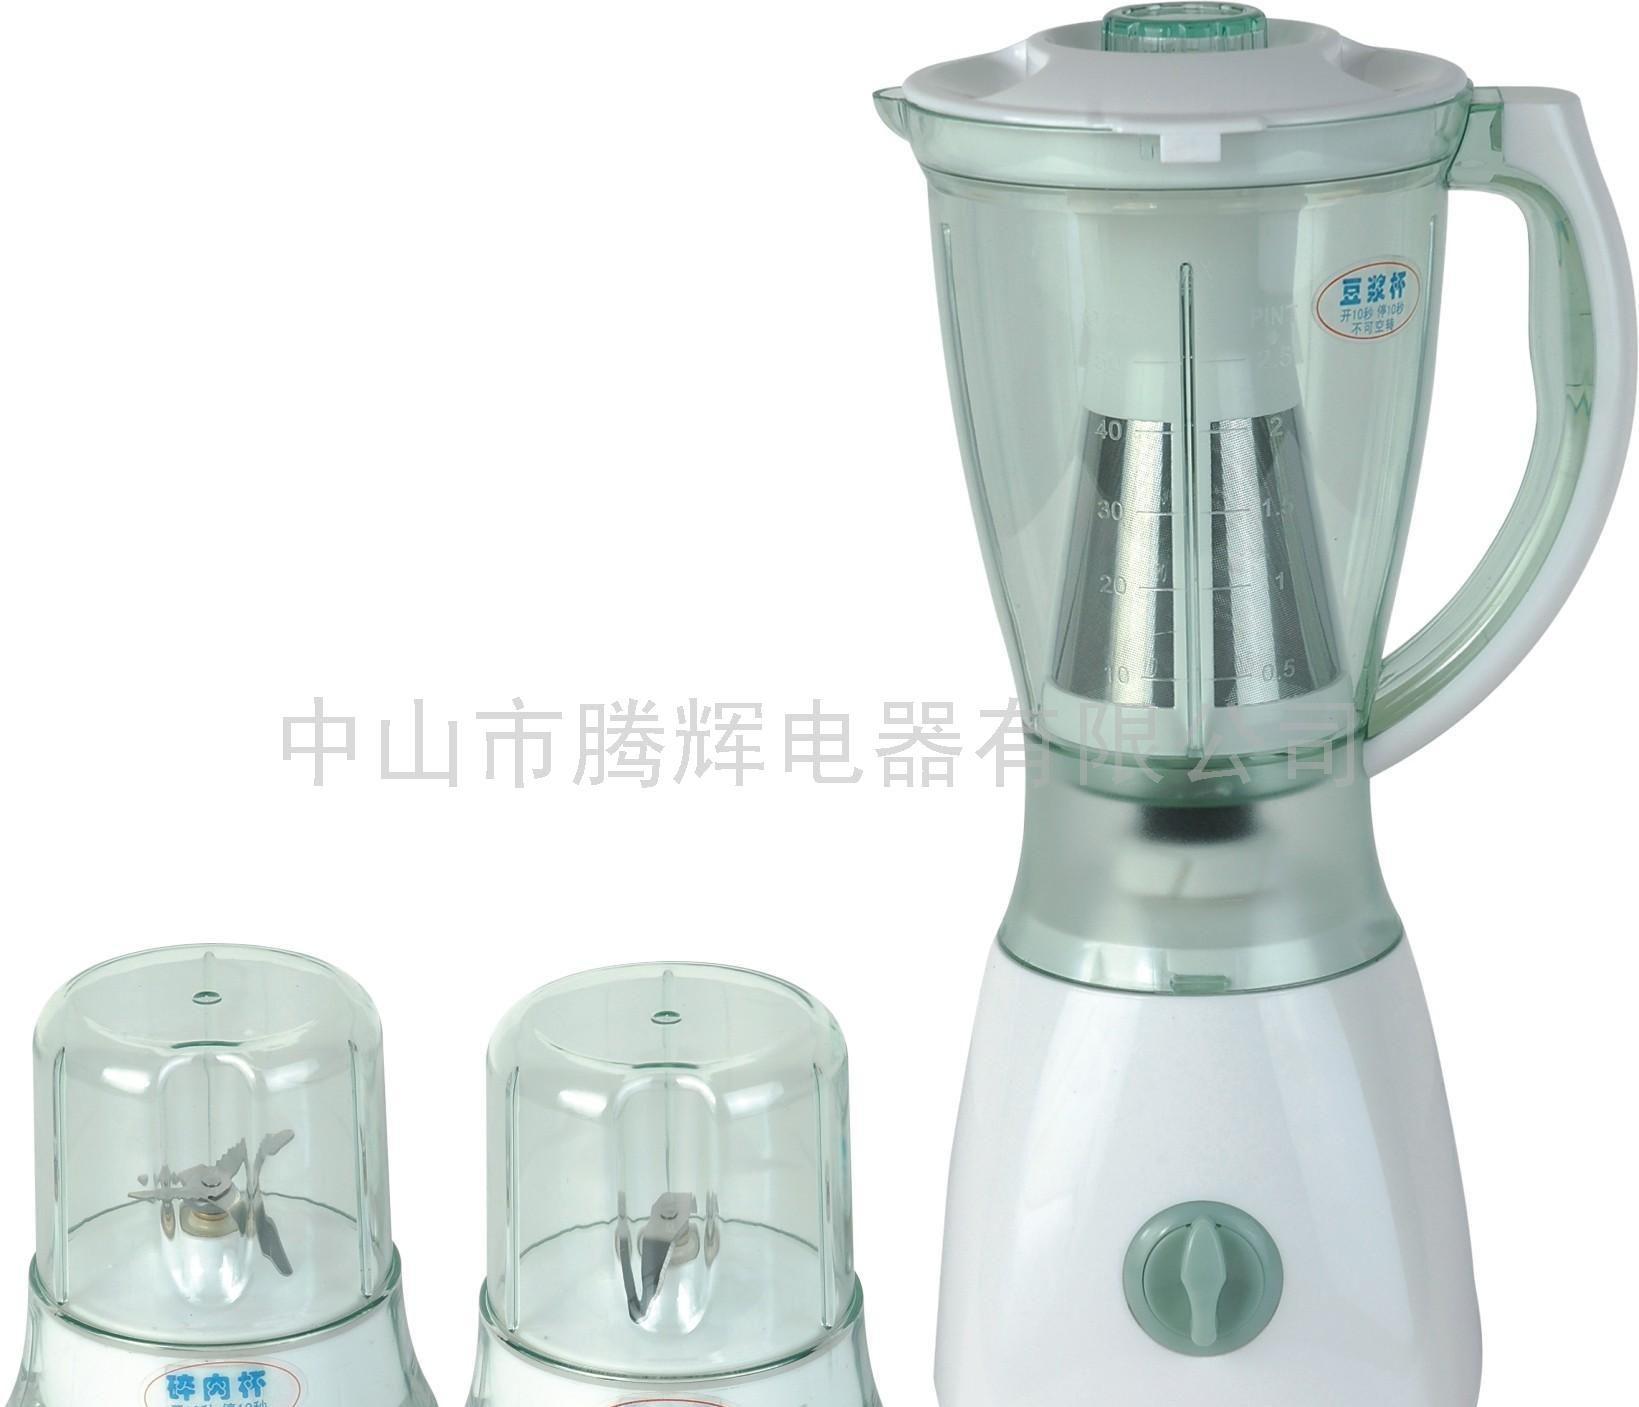 多功能搅拌机301d_供应产品